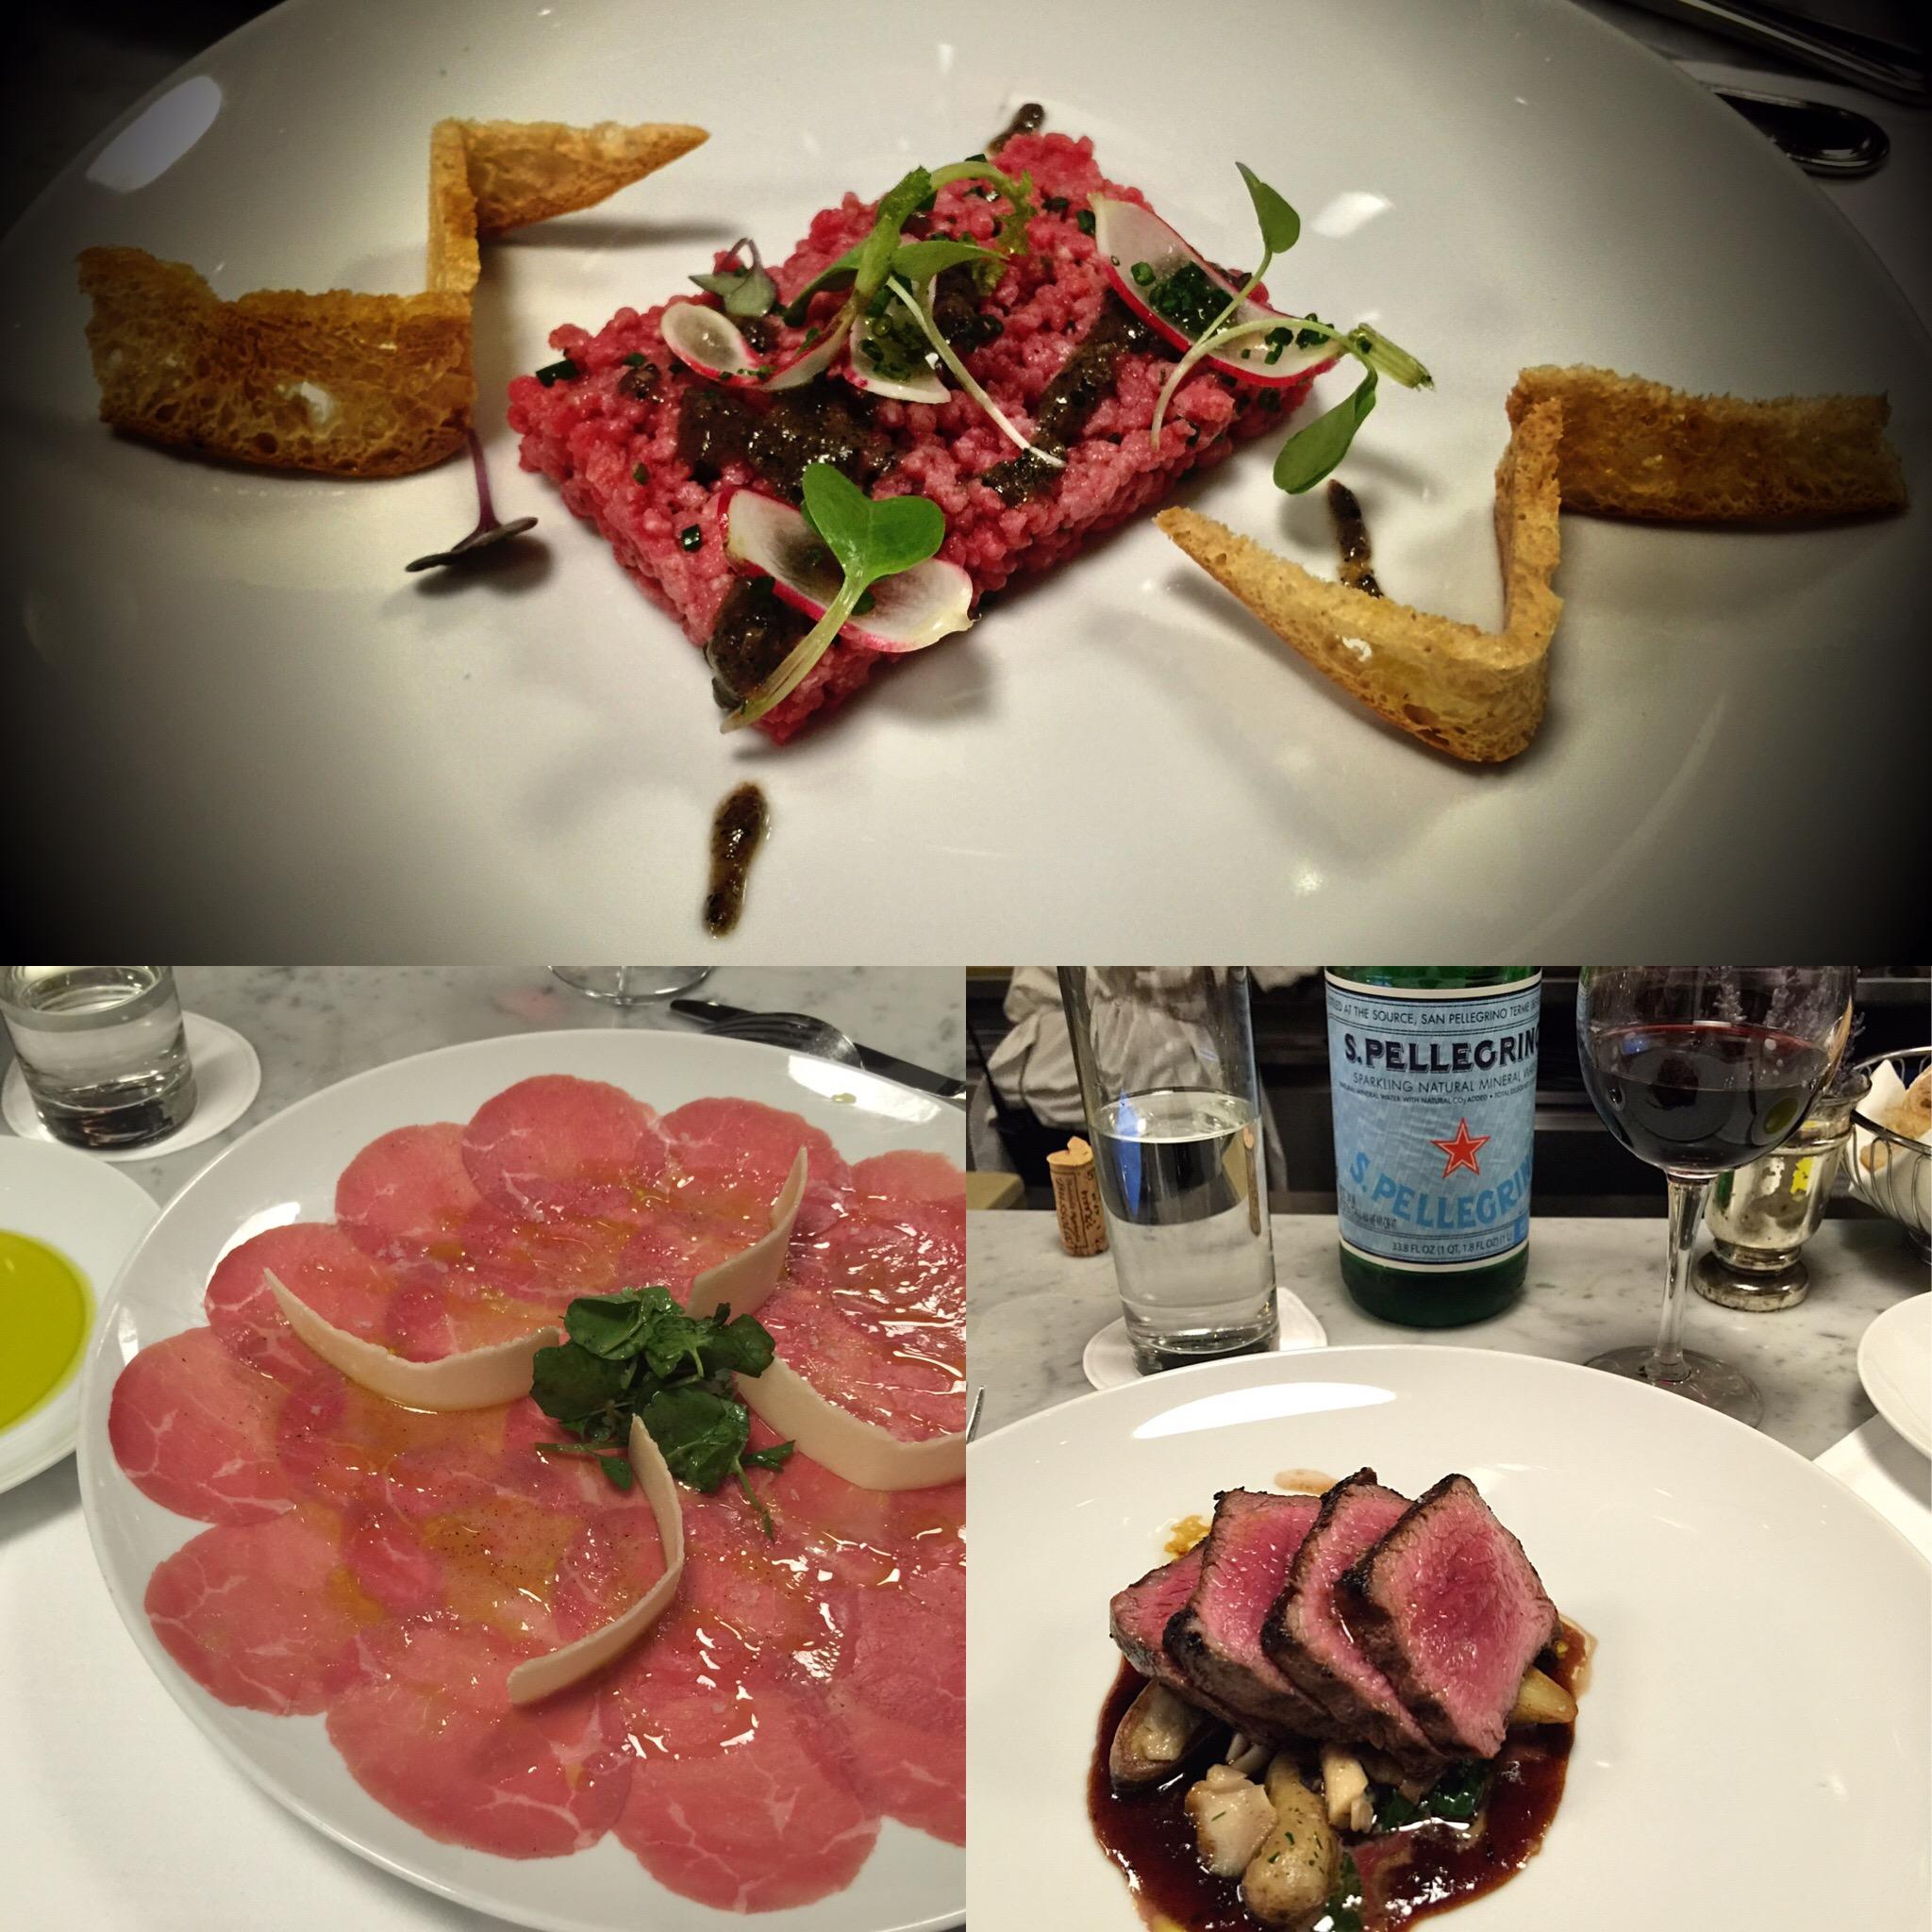 Cuisine from Eately.